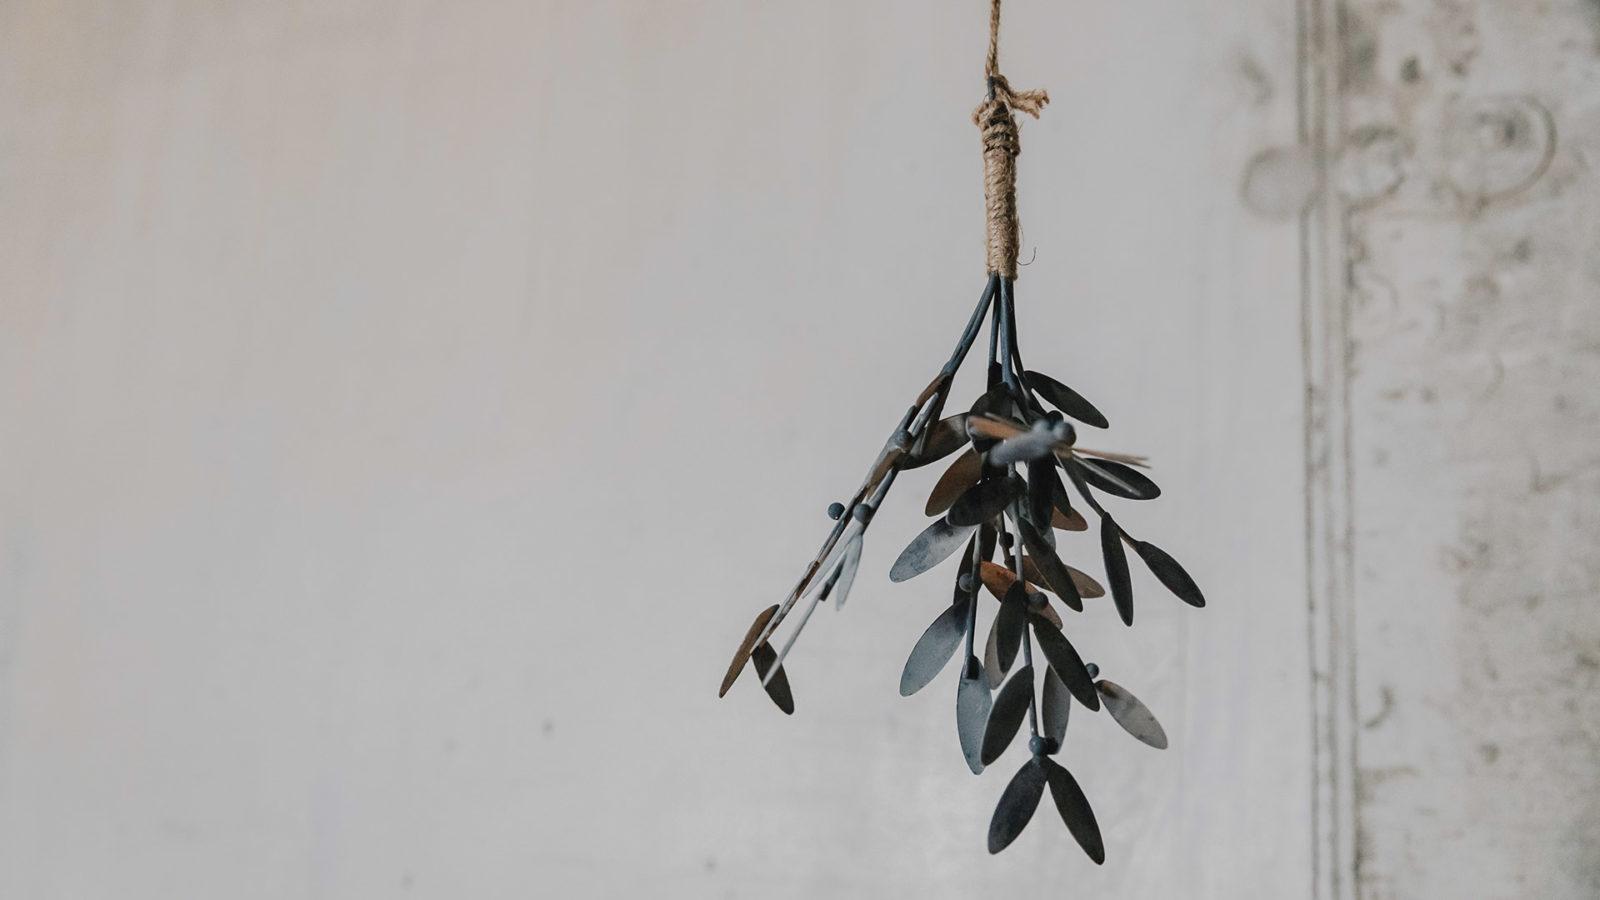 metal-xmas-decoration-mistletoe